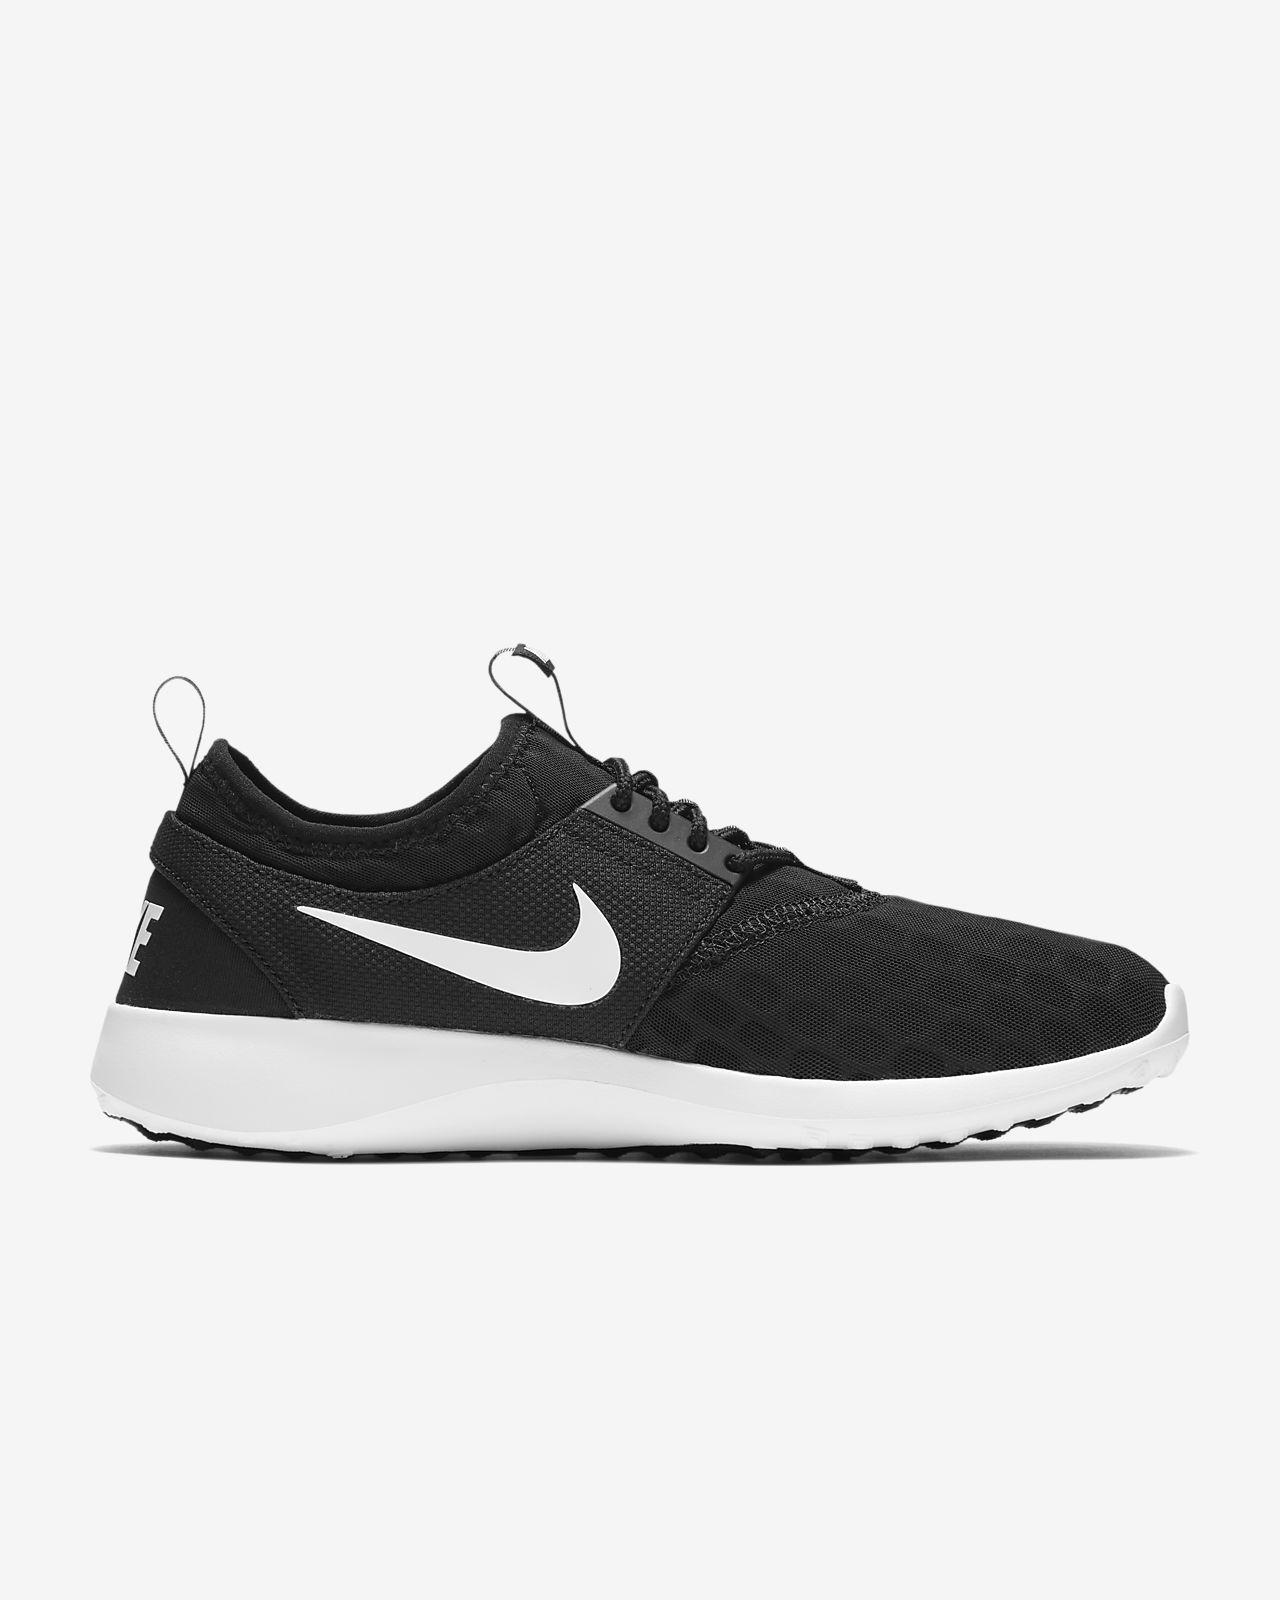 Boutique Nike Grey Grey White Women's Running Shoes Juvenate